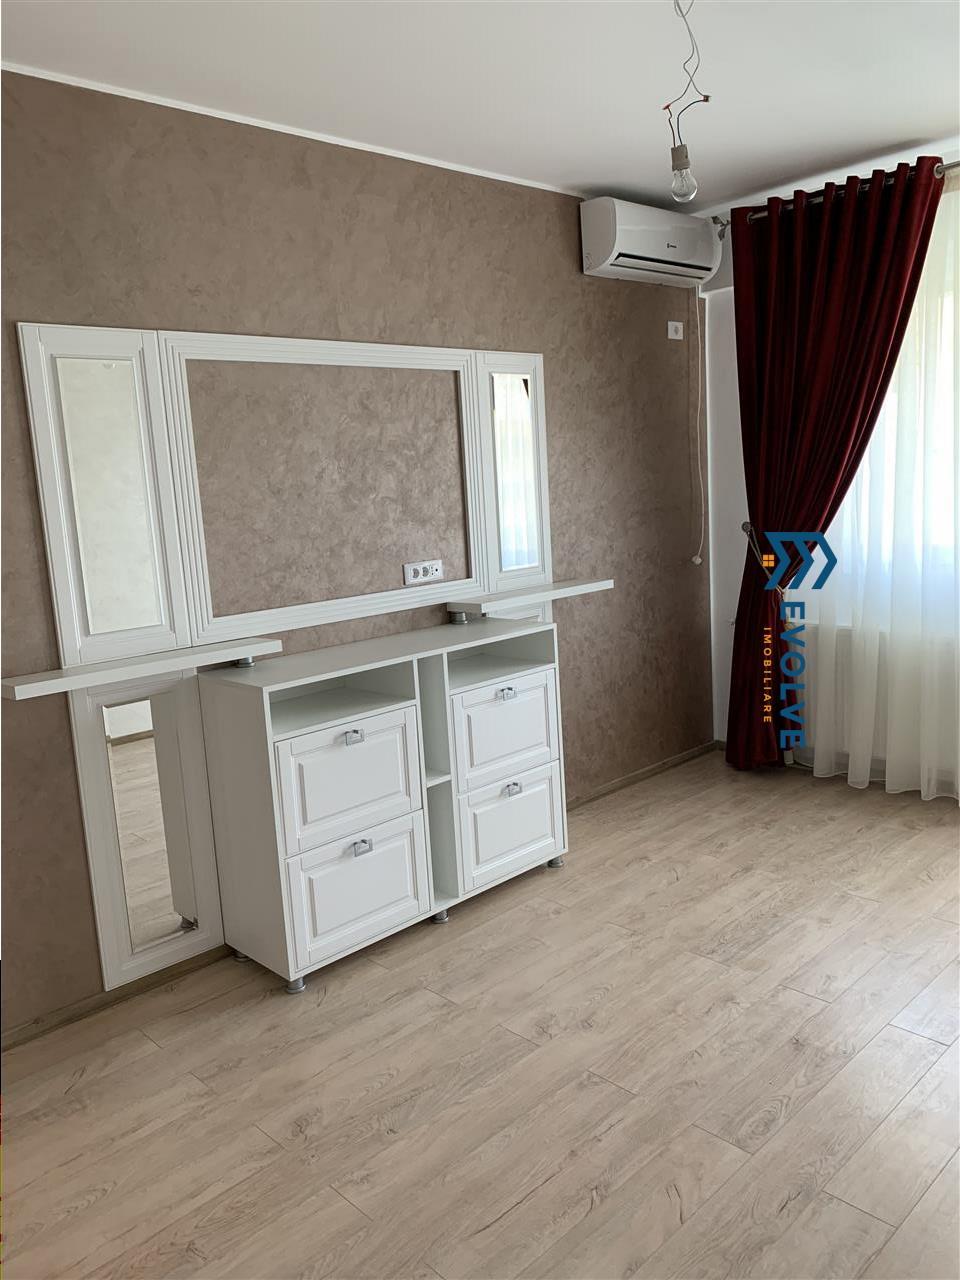 Fii tu inima orasului! Apartament 2 camere lux Palas